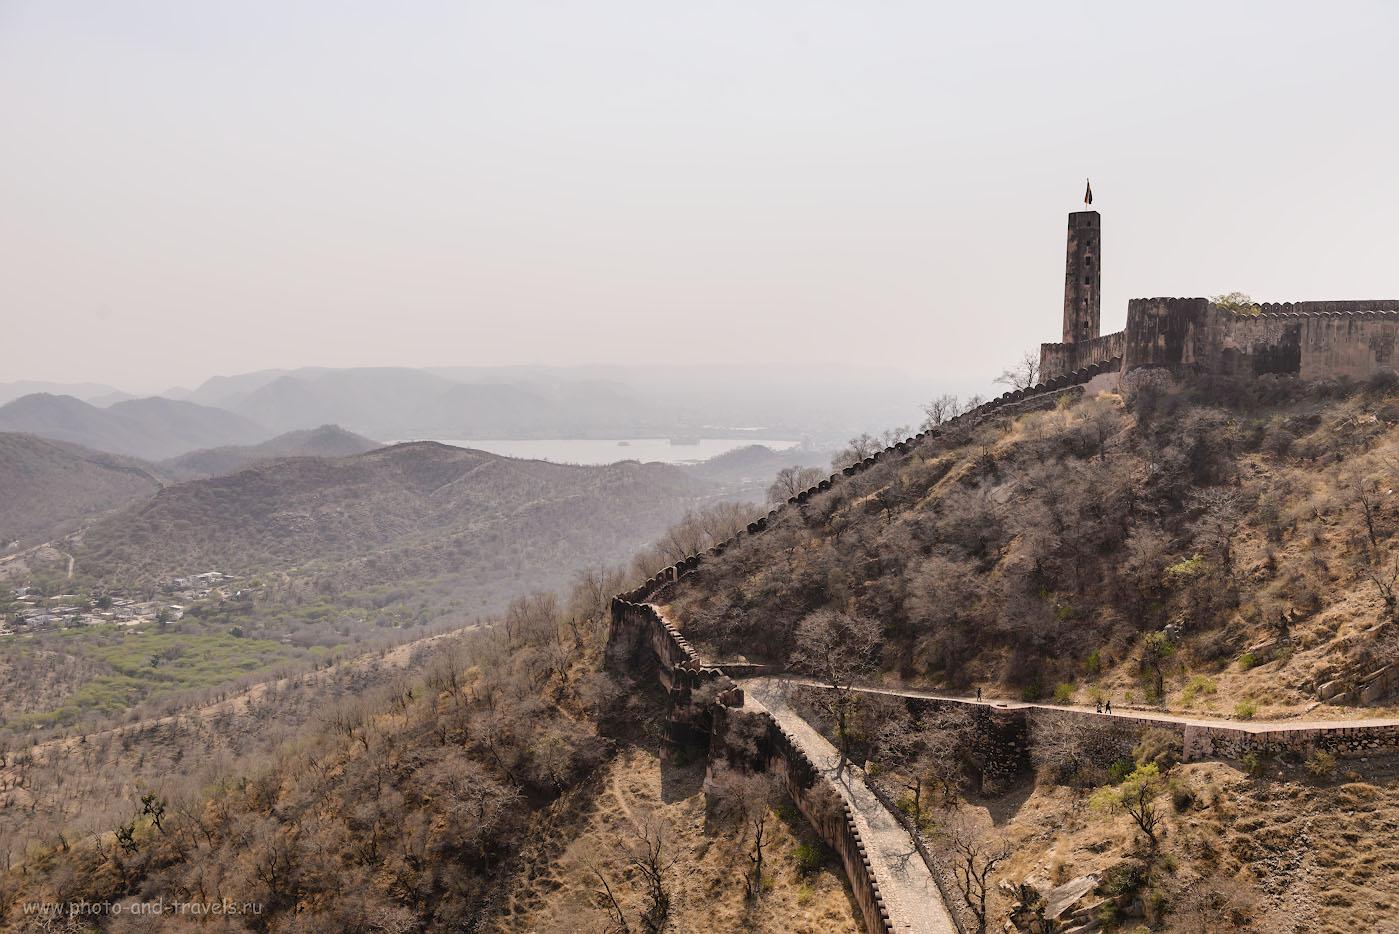 Фото 17. Вид со стен форта Джайгарх на озеро Мэн Сагар (Man Sagar Lake) и Джал-Махал (Дворец на воде, Jal Mahal). Отчет об экскурсии в Джайпуре самостоятельно. 1/640, -0.33, 6.3, 100, 35.